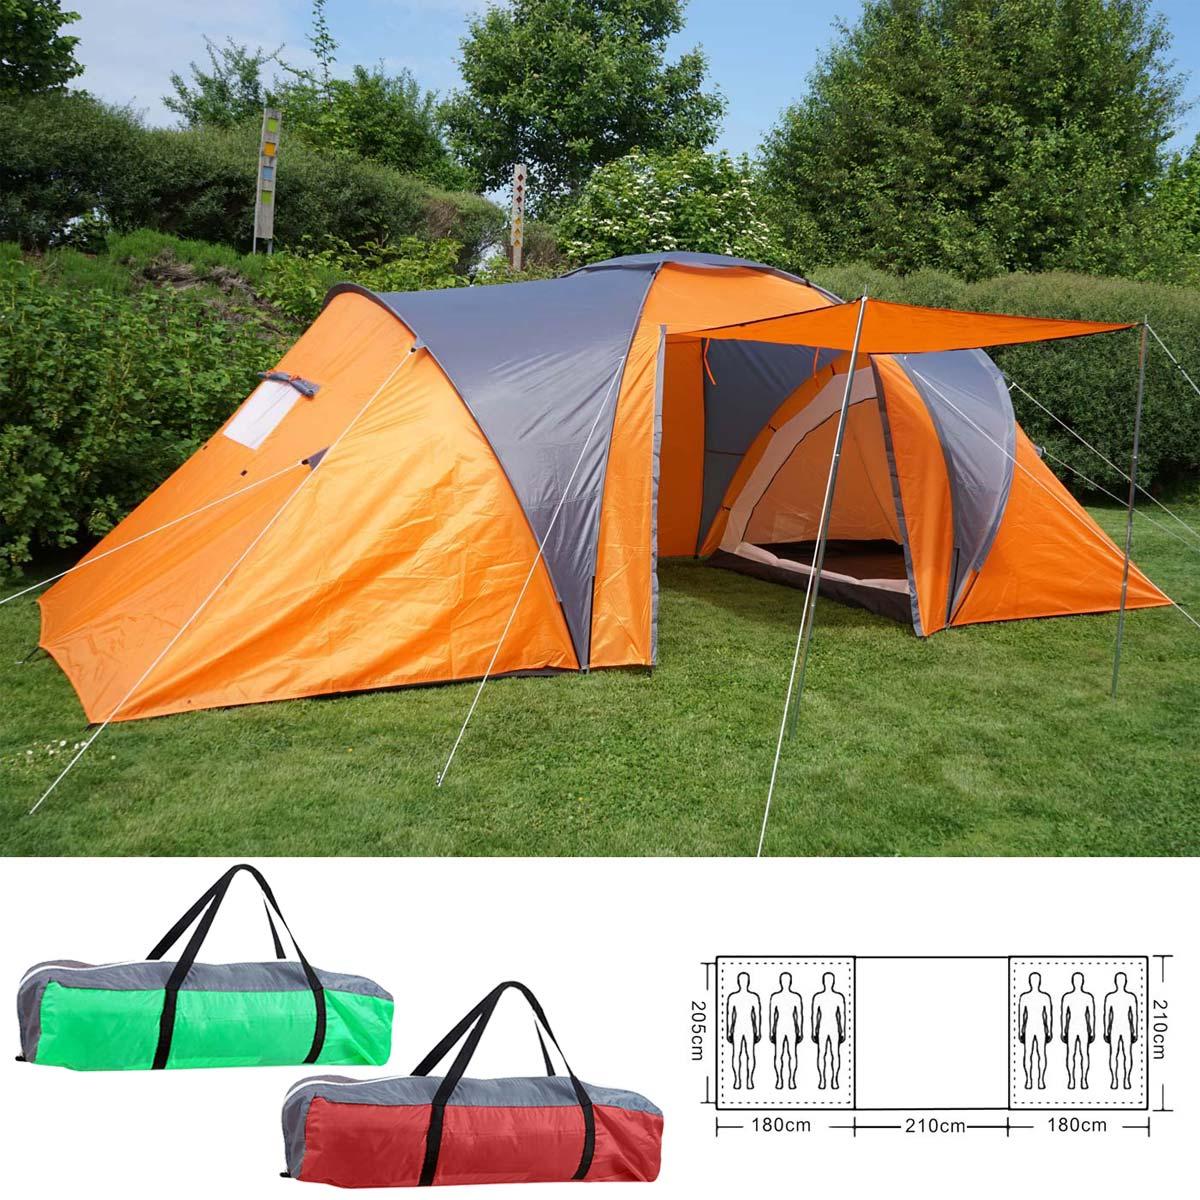 Mendler Campingzelt Loksa, 6-Mann Zelt Kuppelzelt Igluzelt Festival-Zelt, 6 Personen ~ Variantenangebot 54534